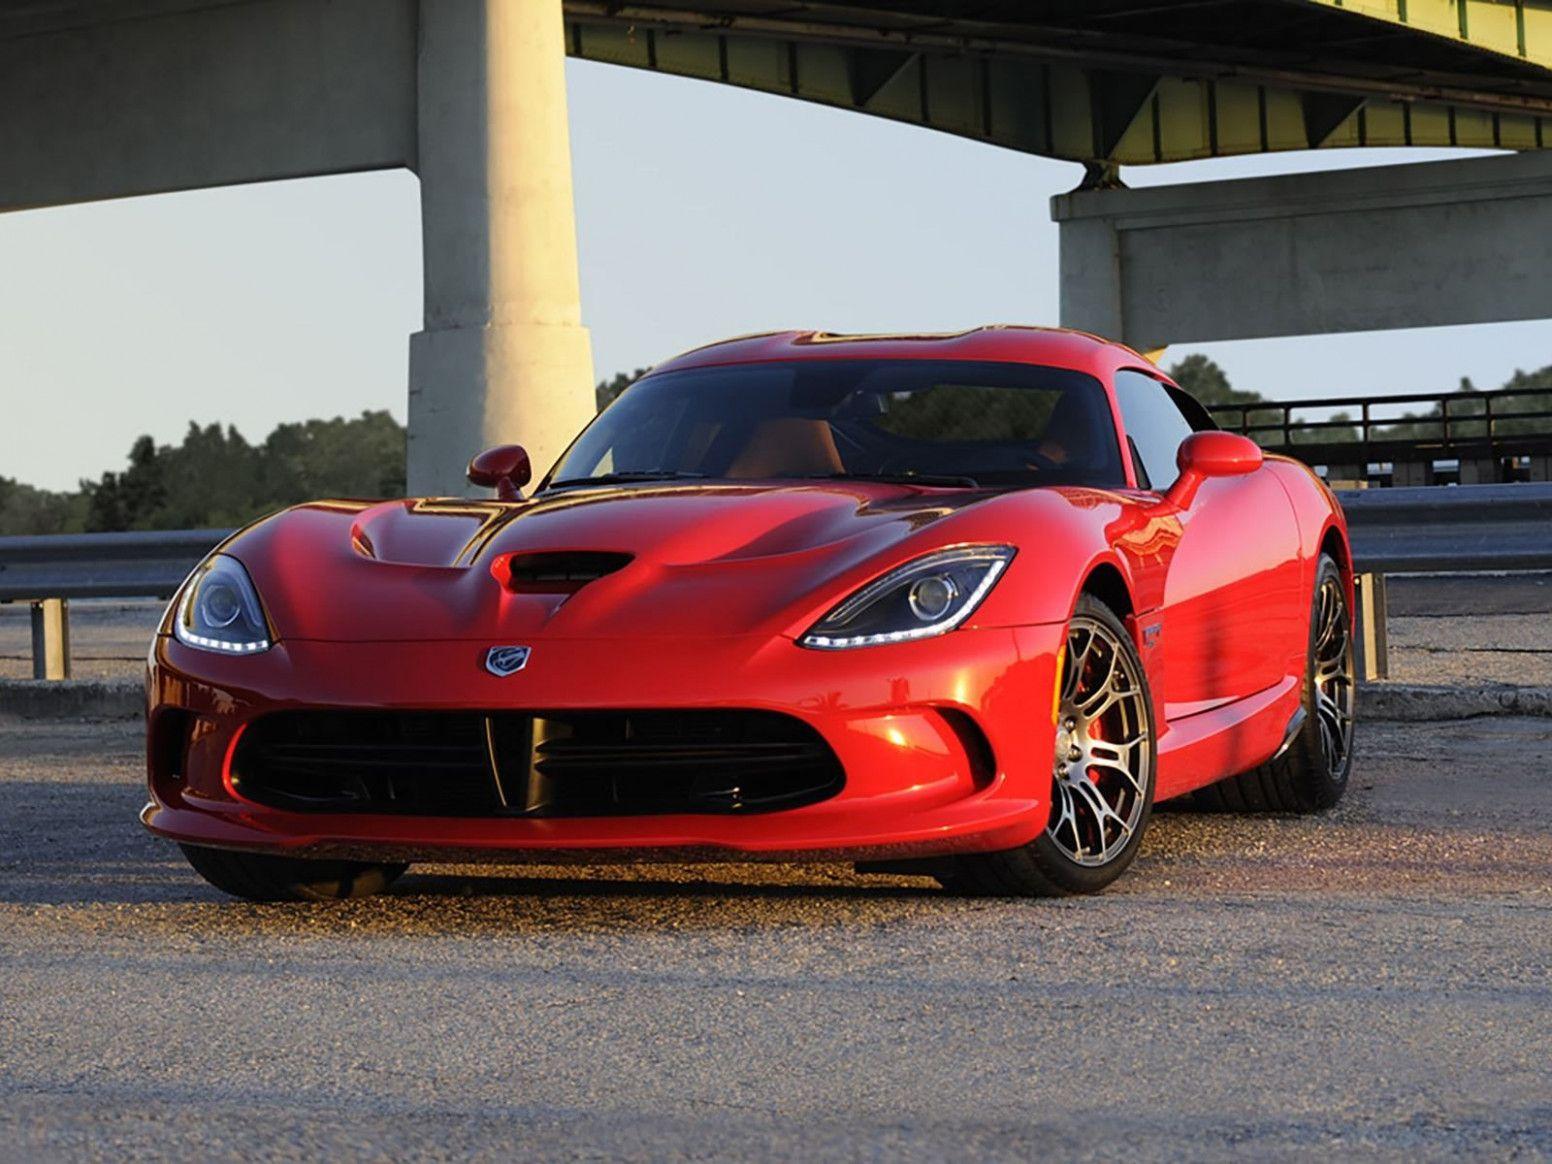 2020 Dodge Viper Hellcat In 2020 Dodge Viper Viper Acr Dodge Srt